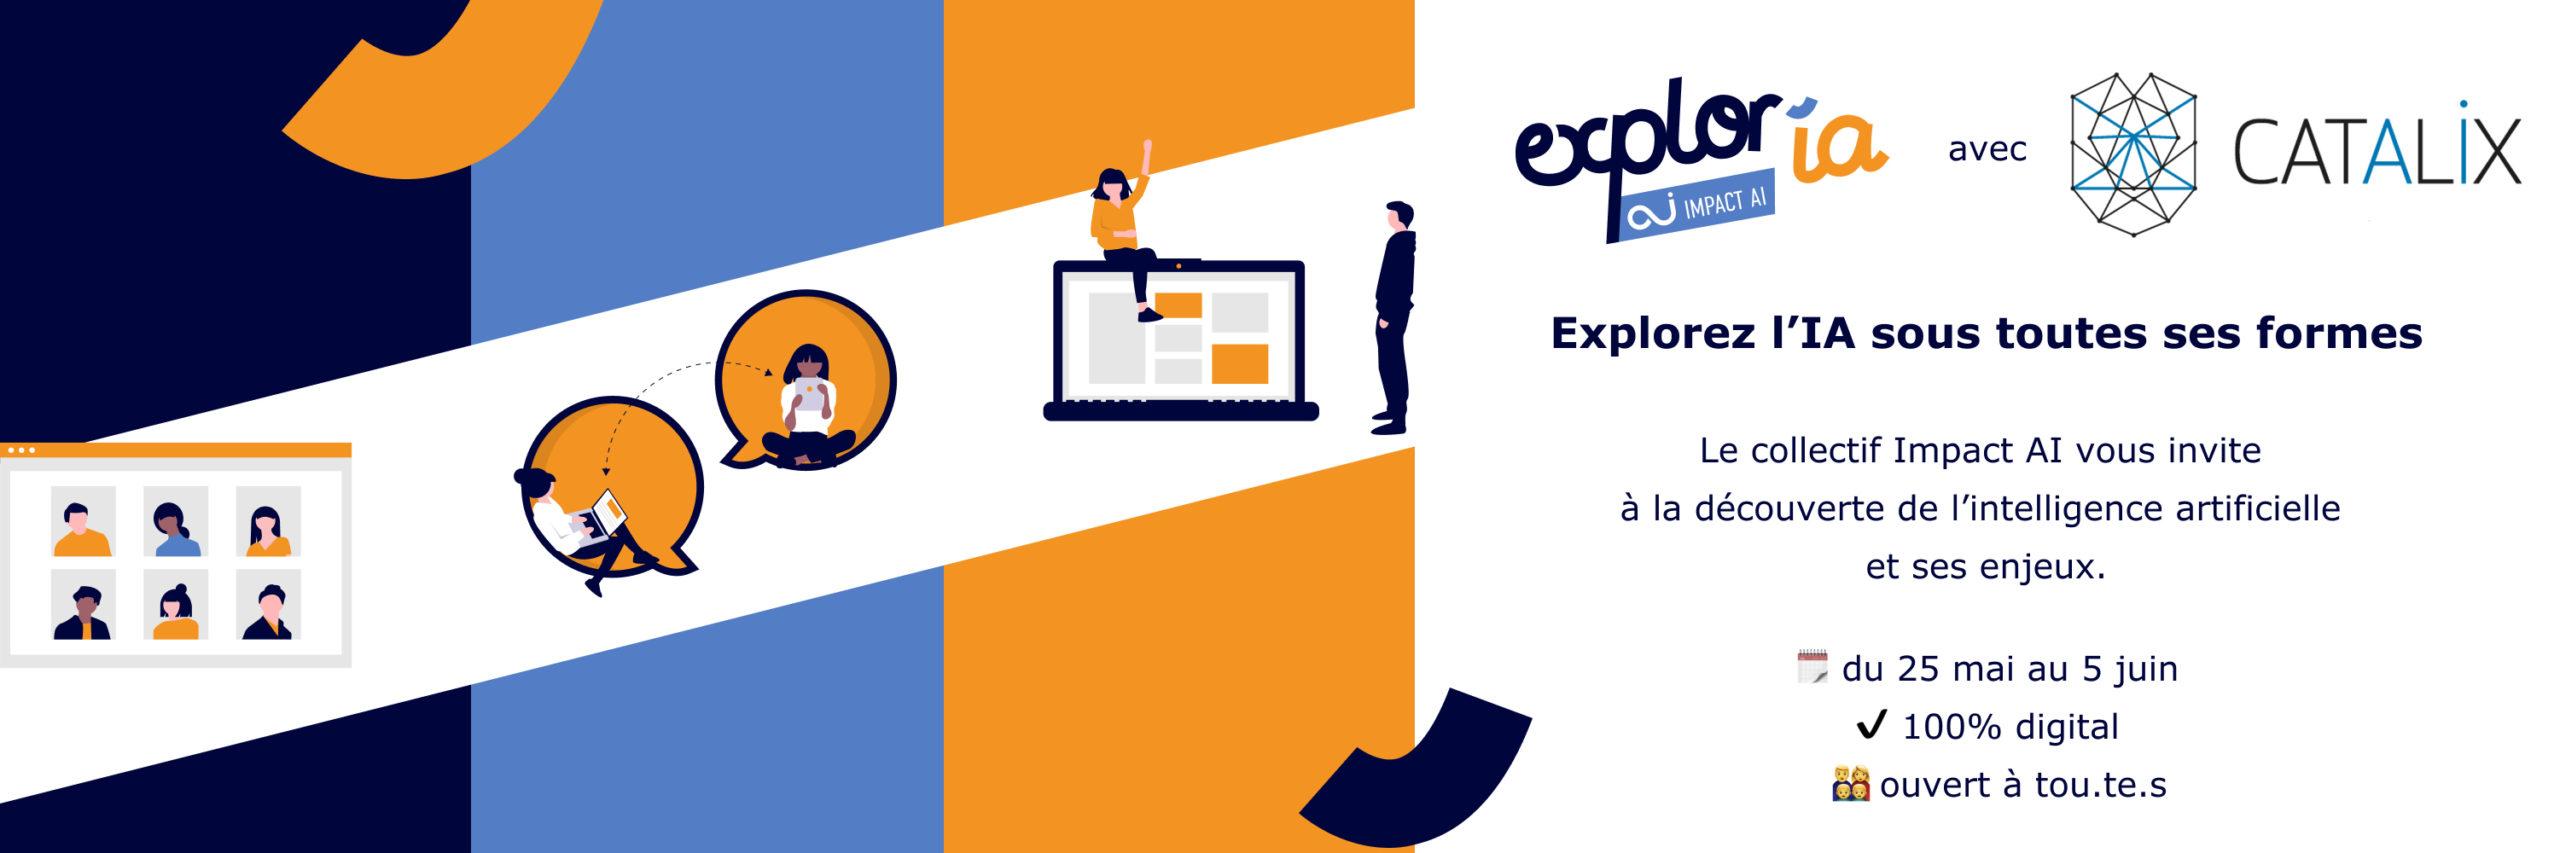 Explor'ia avec Catalix